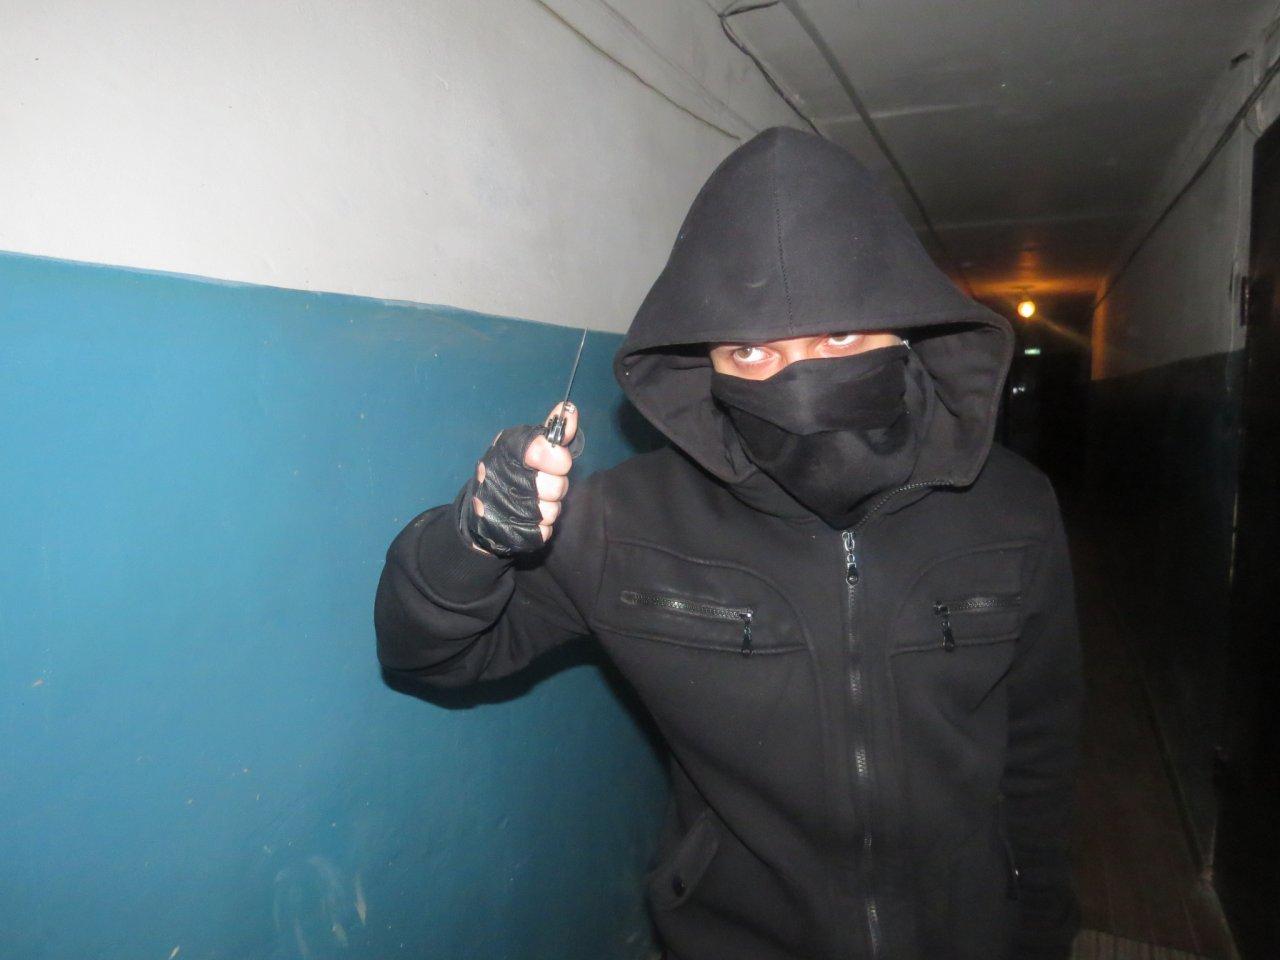 В Чепецке парень выбил дверь и напал на хозяина квартиры с ножом